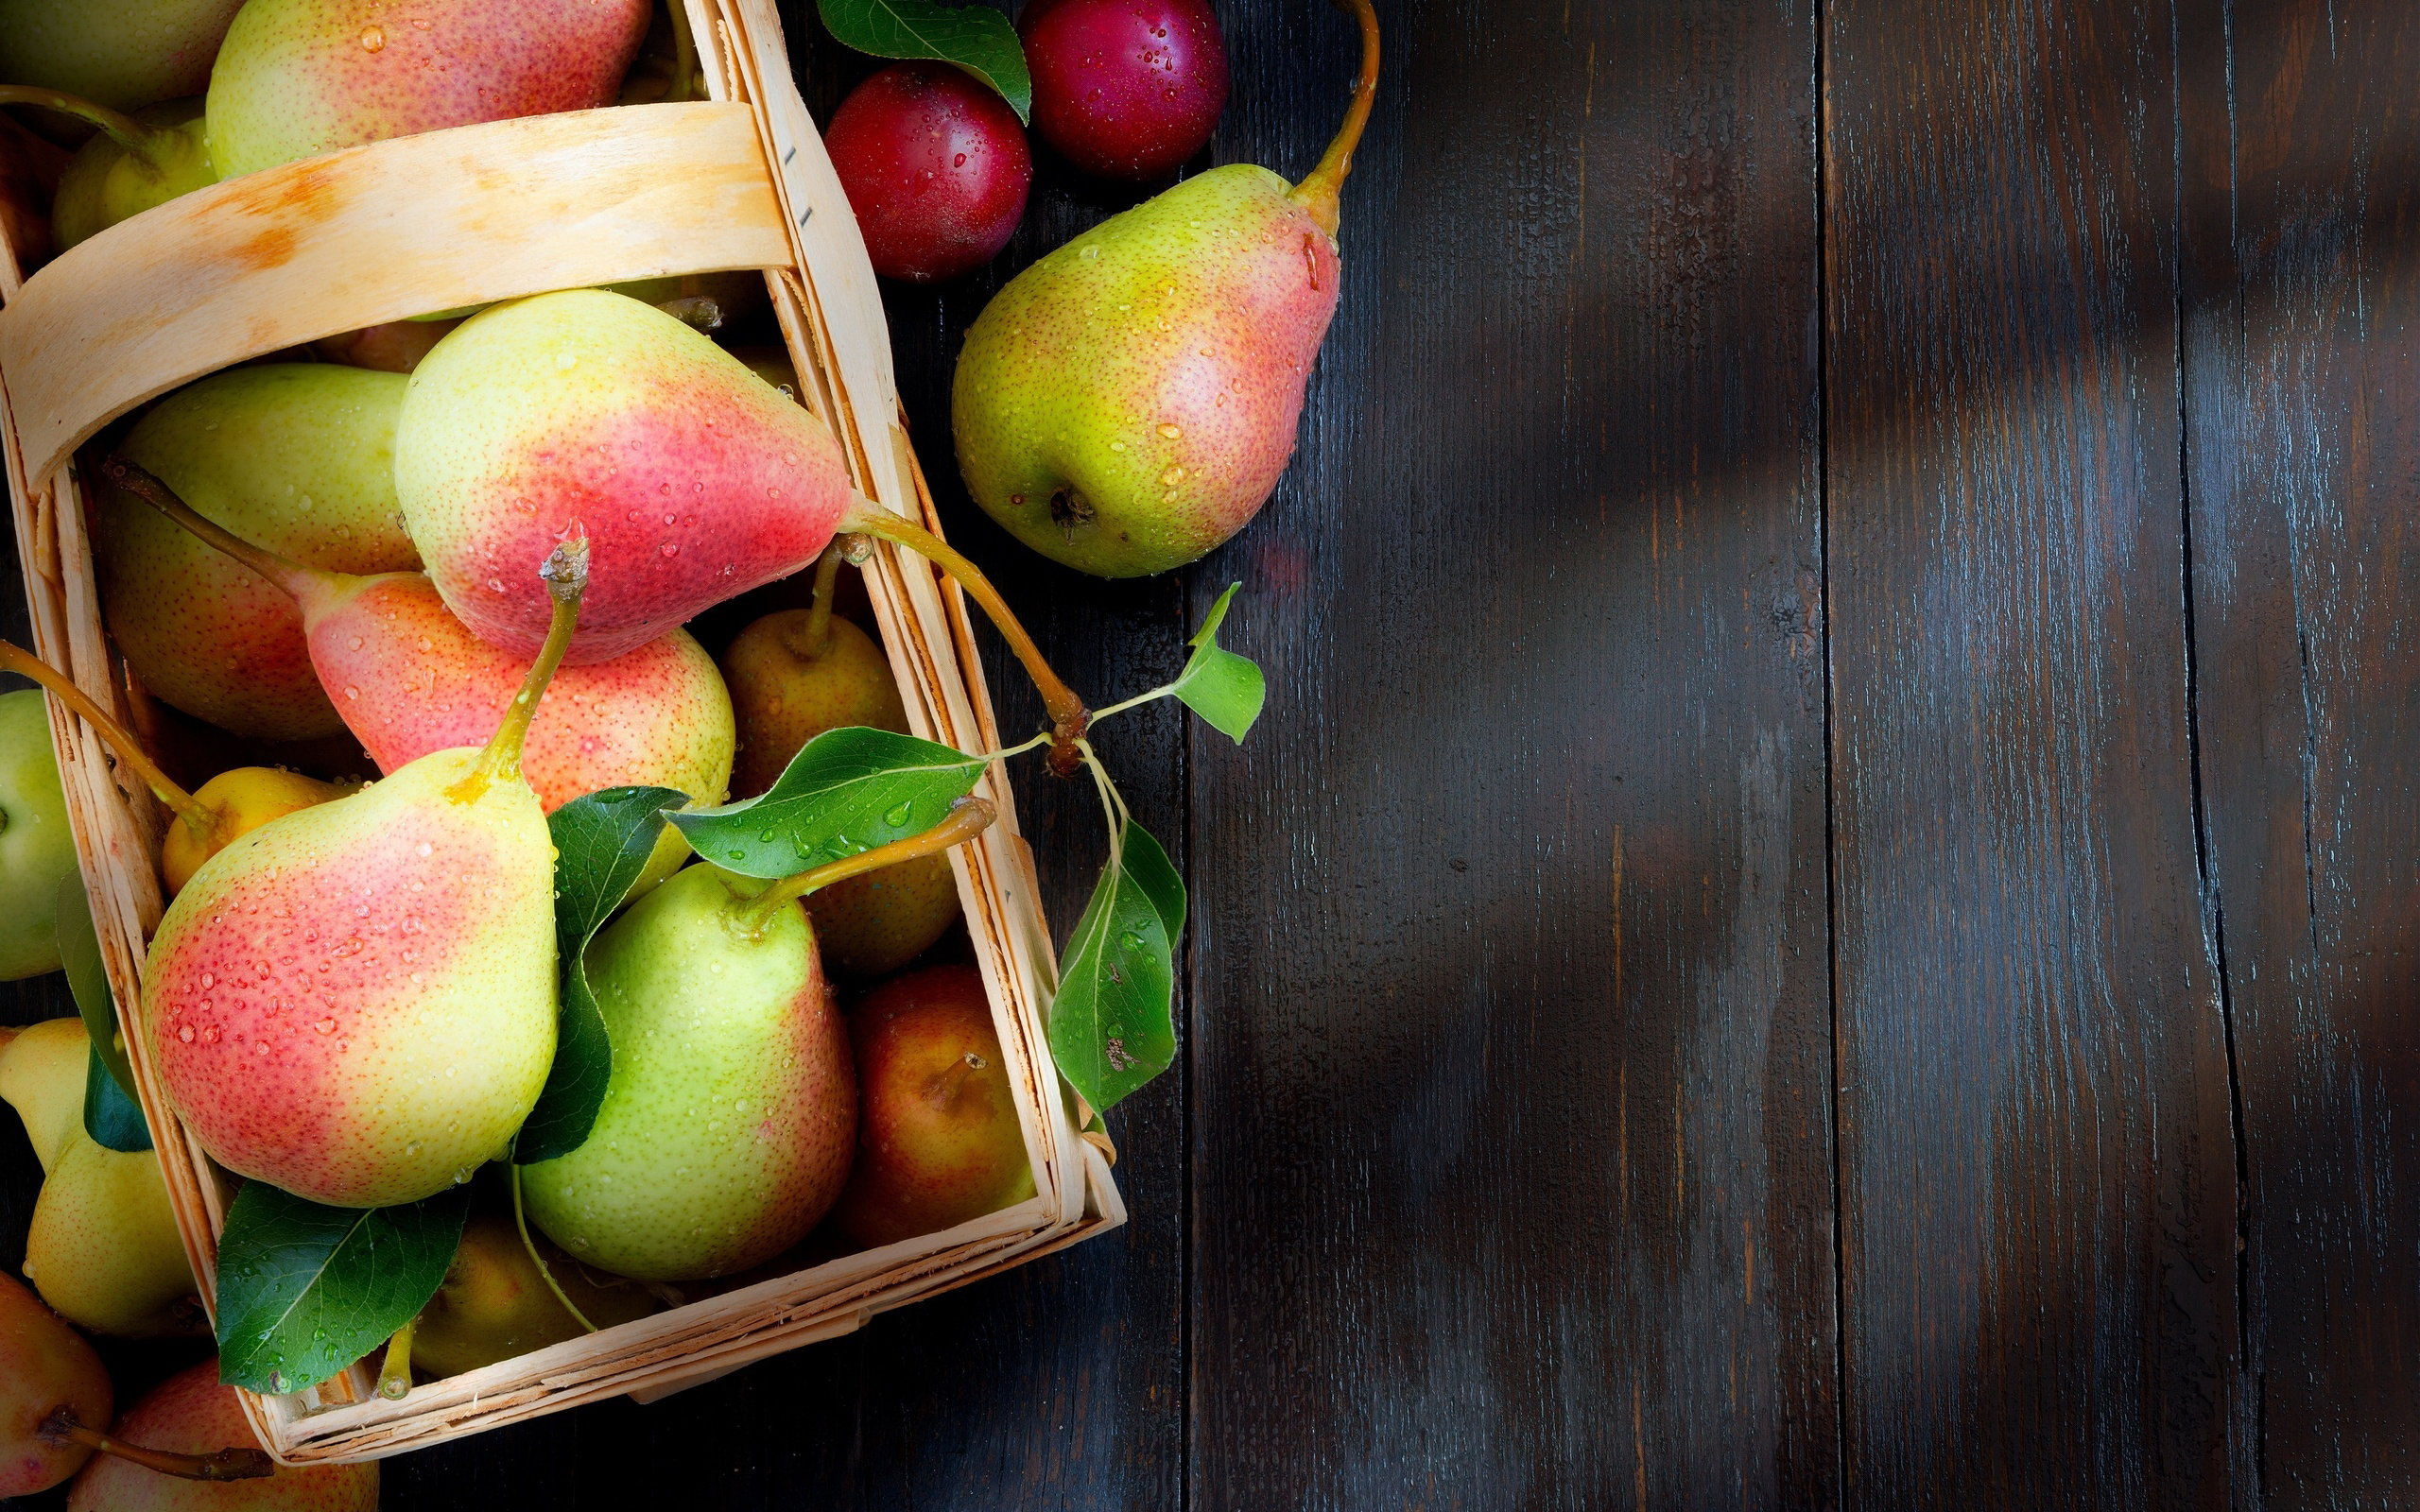 торга картинки фруктов из библии спутниковой картой